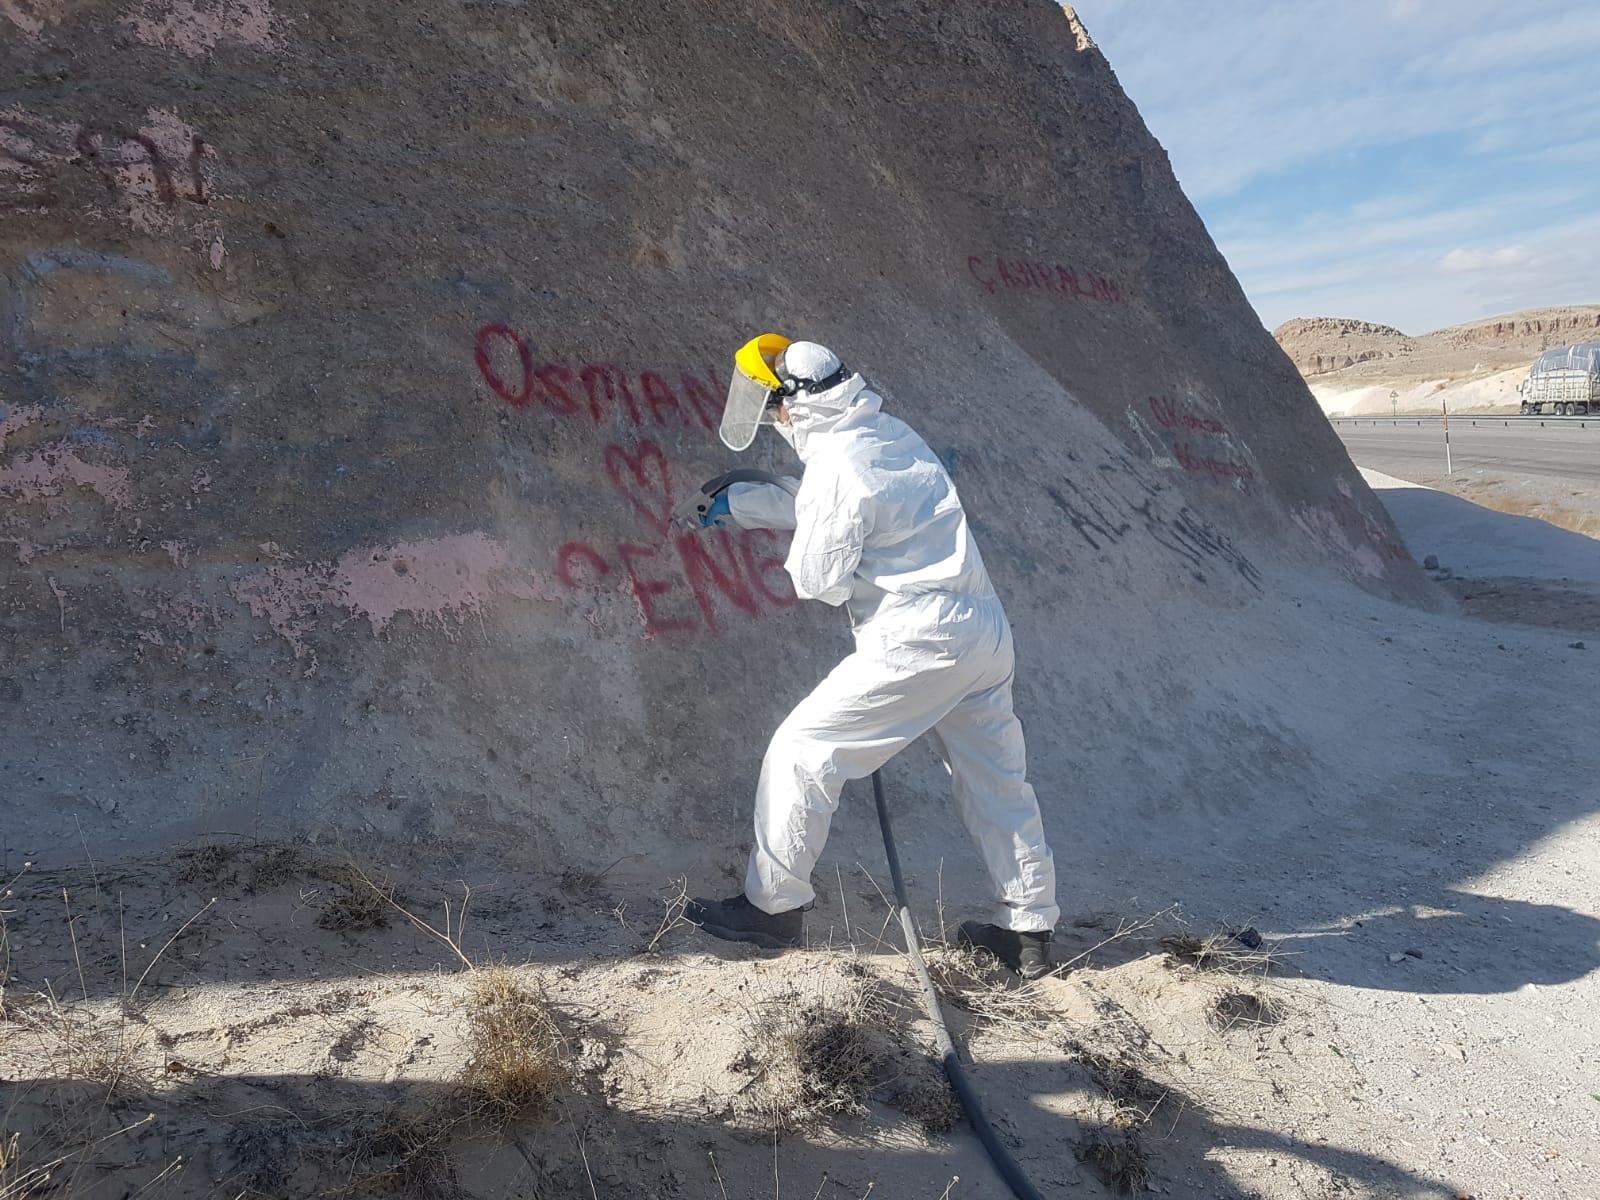 Sprey boyayla tahrip edilen peribacalarına 'mikro kumlama' tekniği